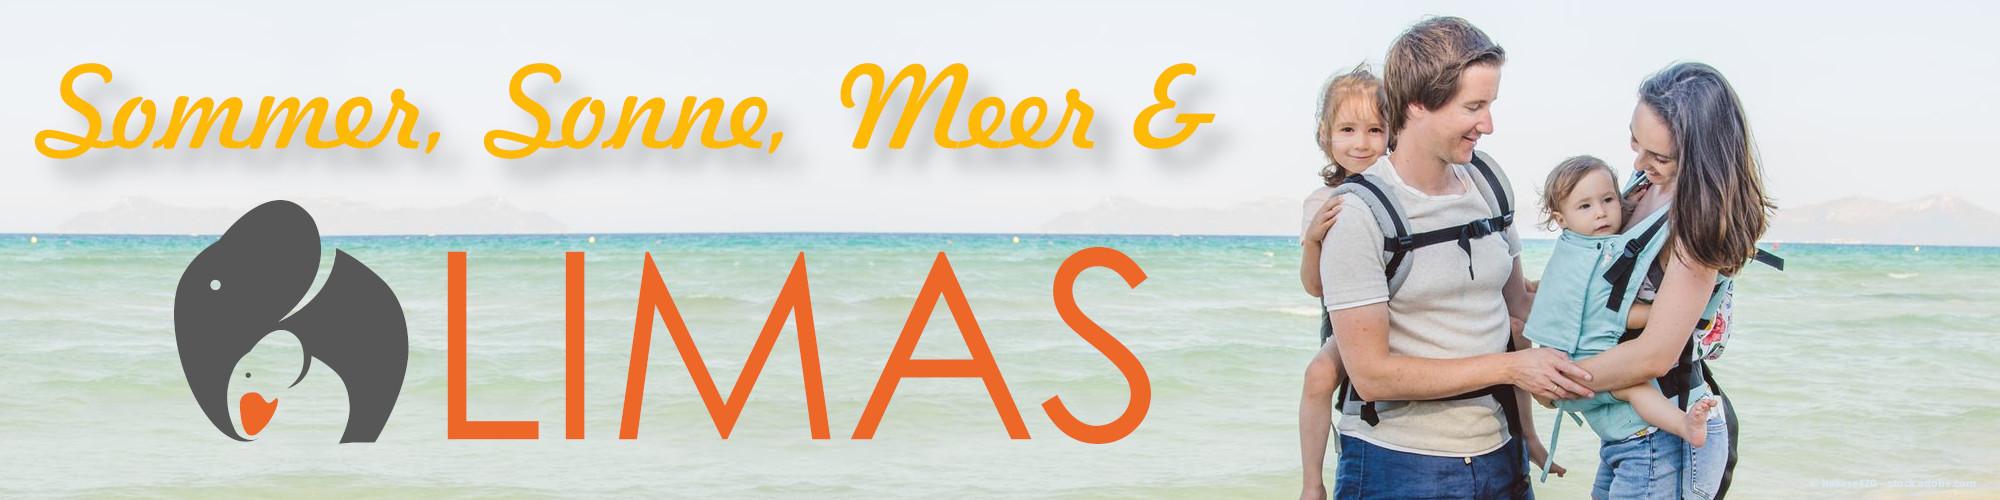 Sommer, Sonne und Limas